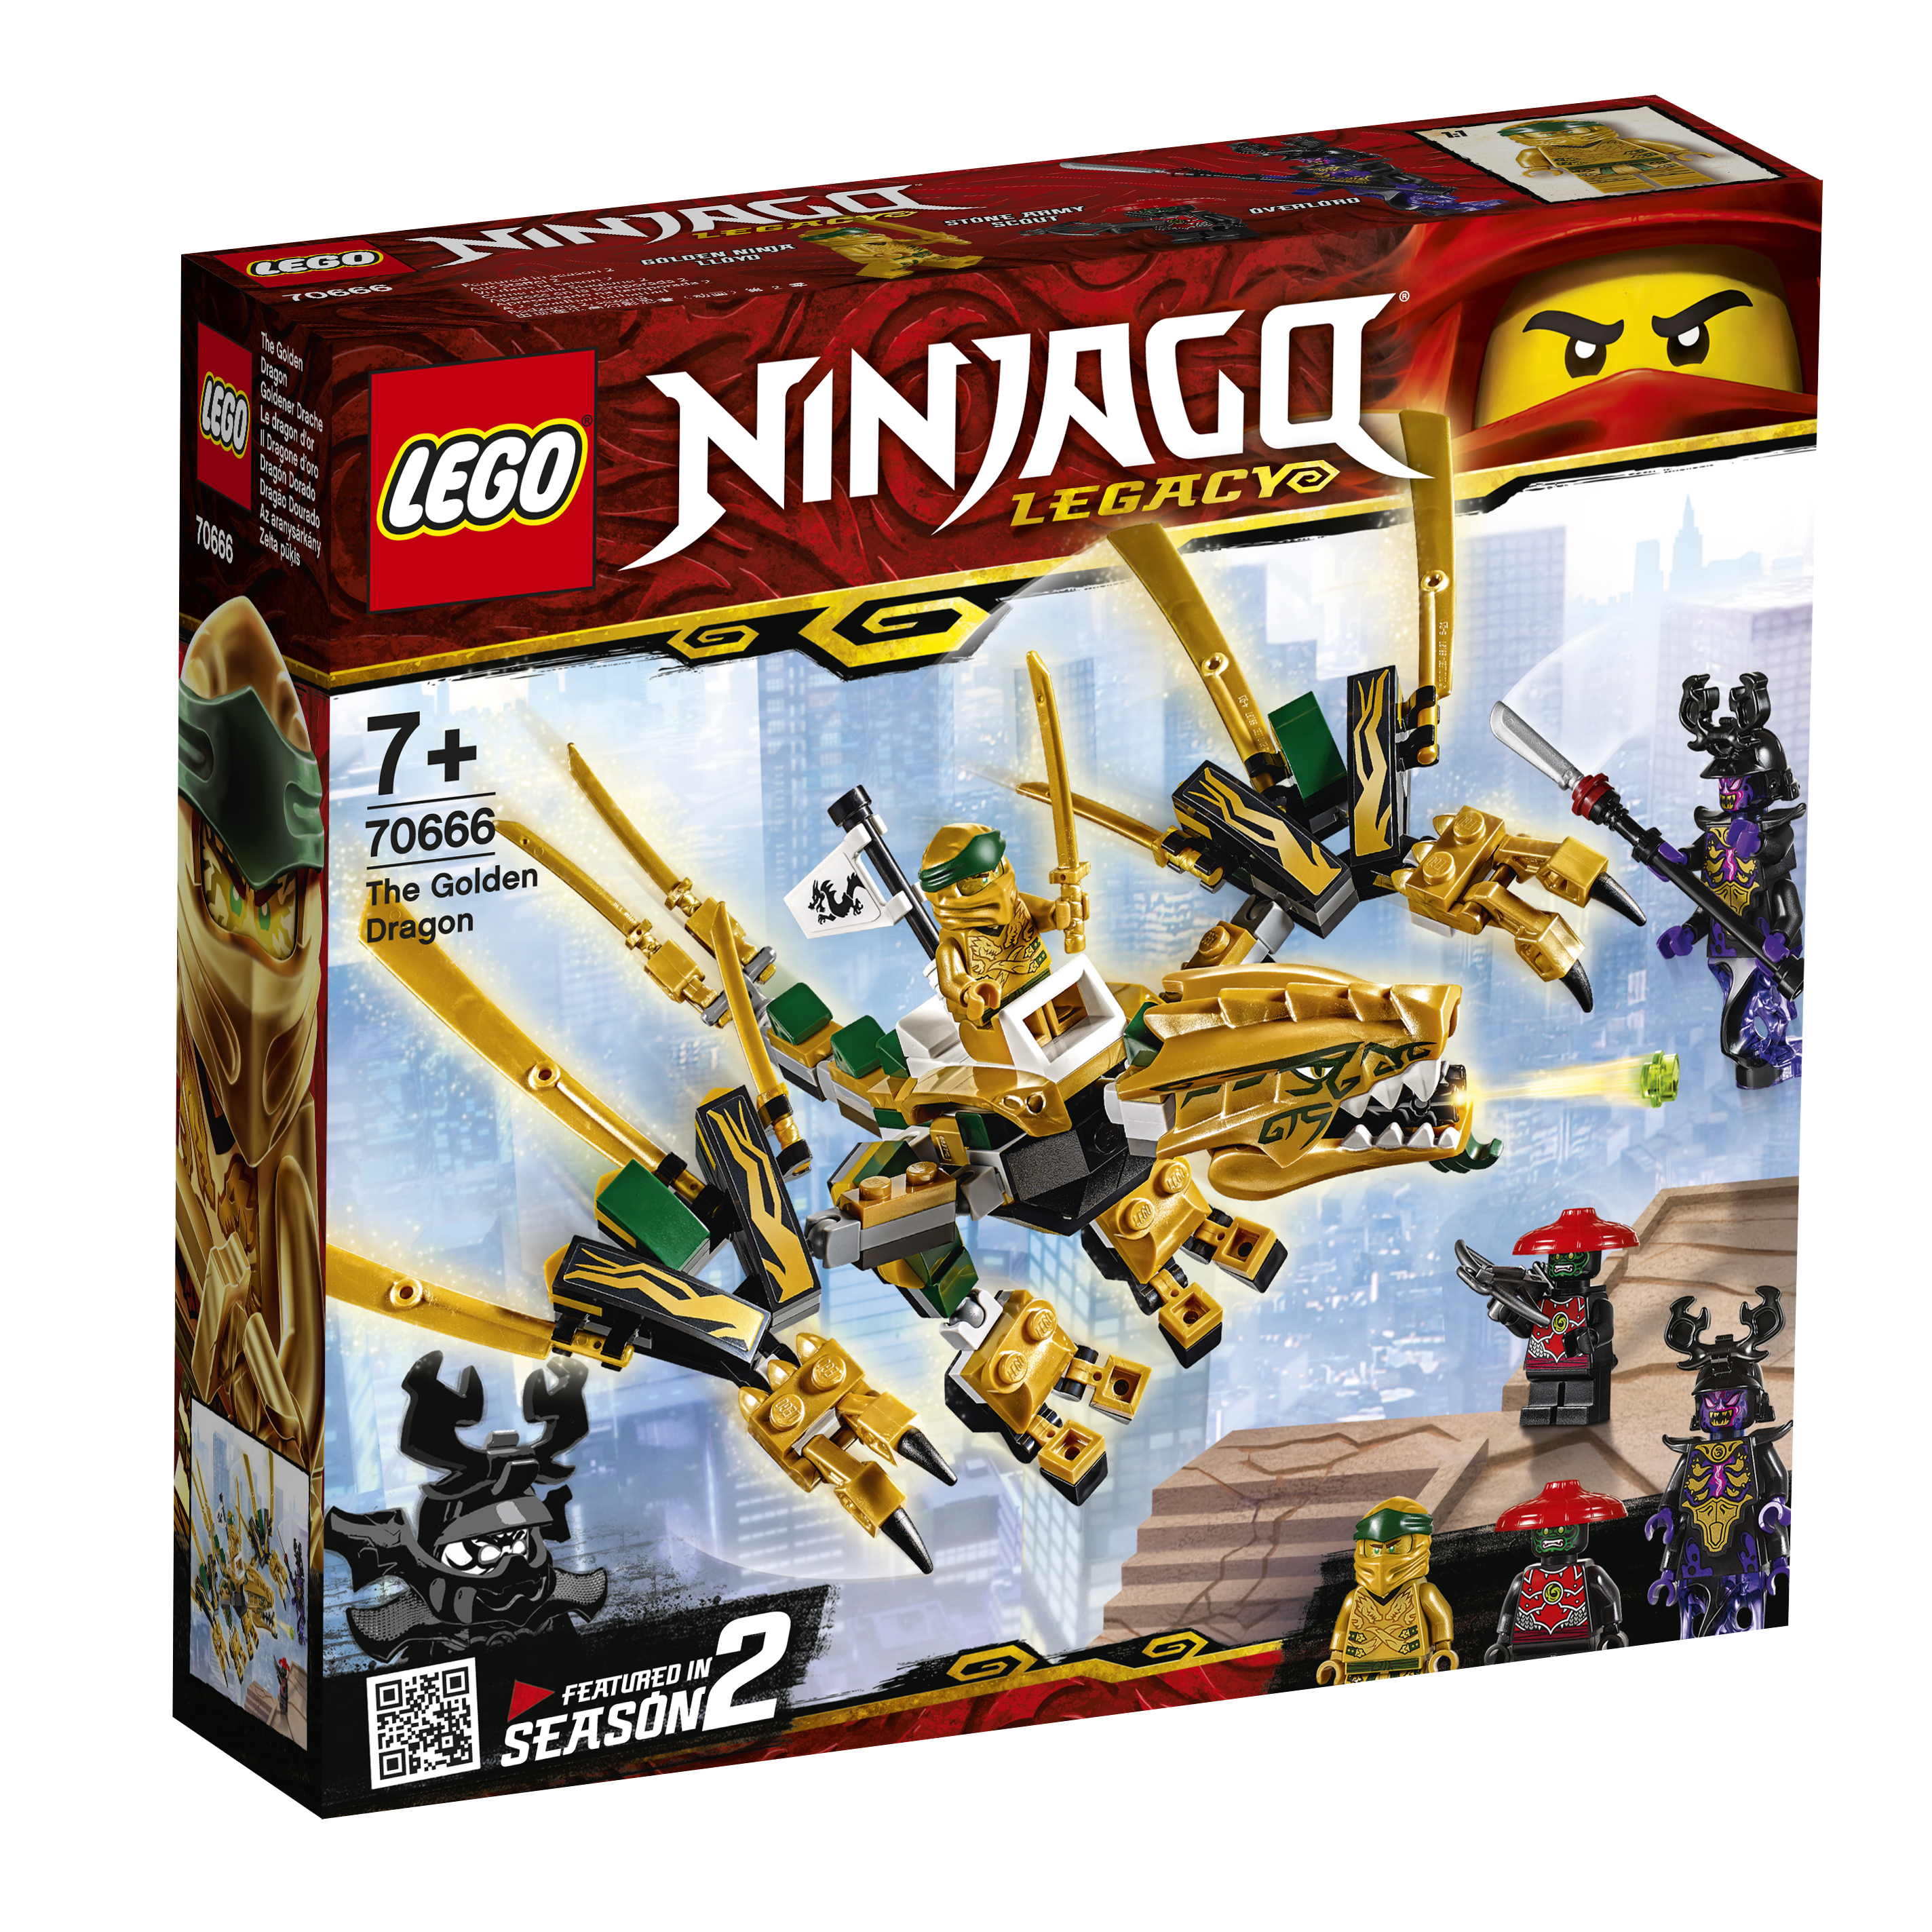 Конструктор LEGO 70666 Золотой Дракон конструктор lego золотой дракон 70666 ninjago legacy